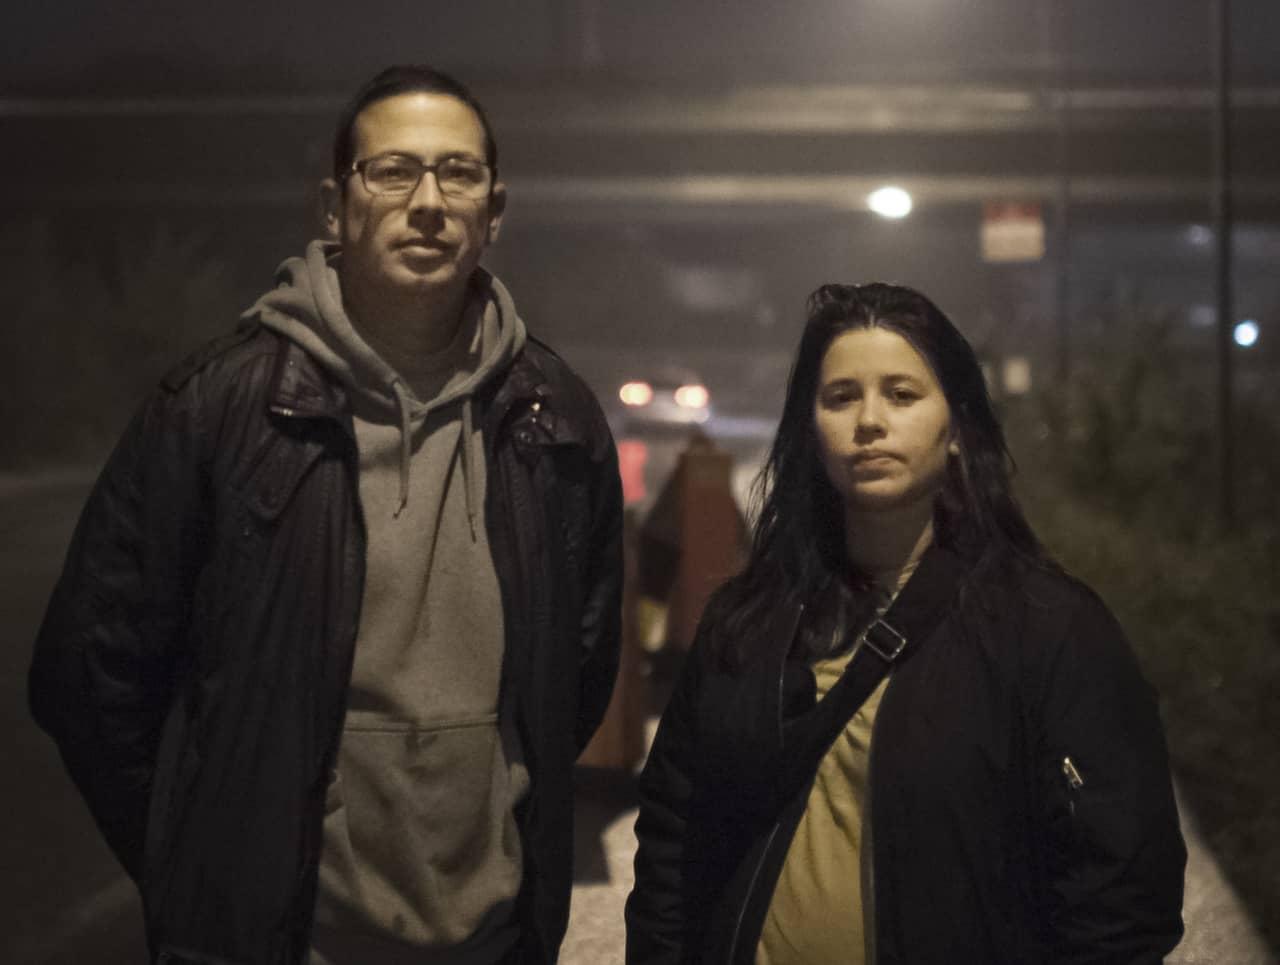 Federico Moreno & Meli Pettersson Ellaf